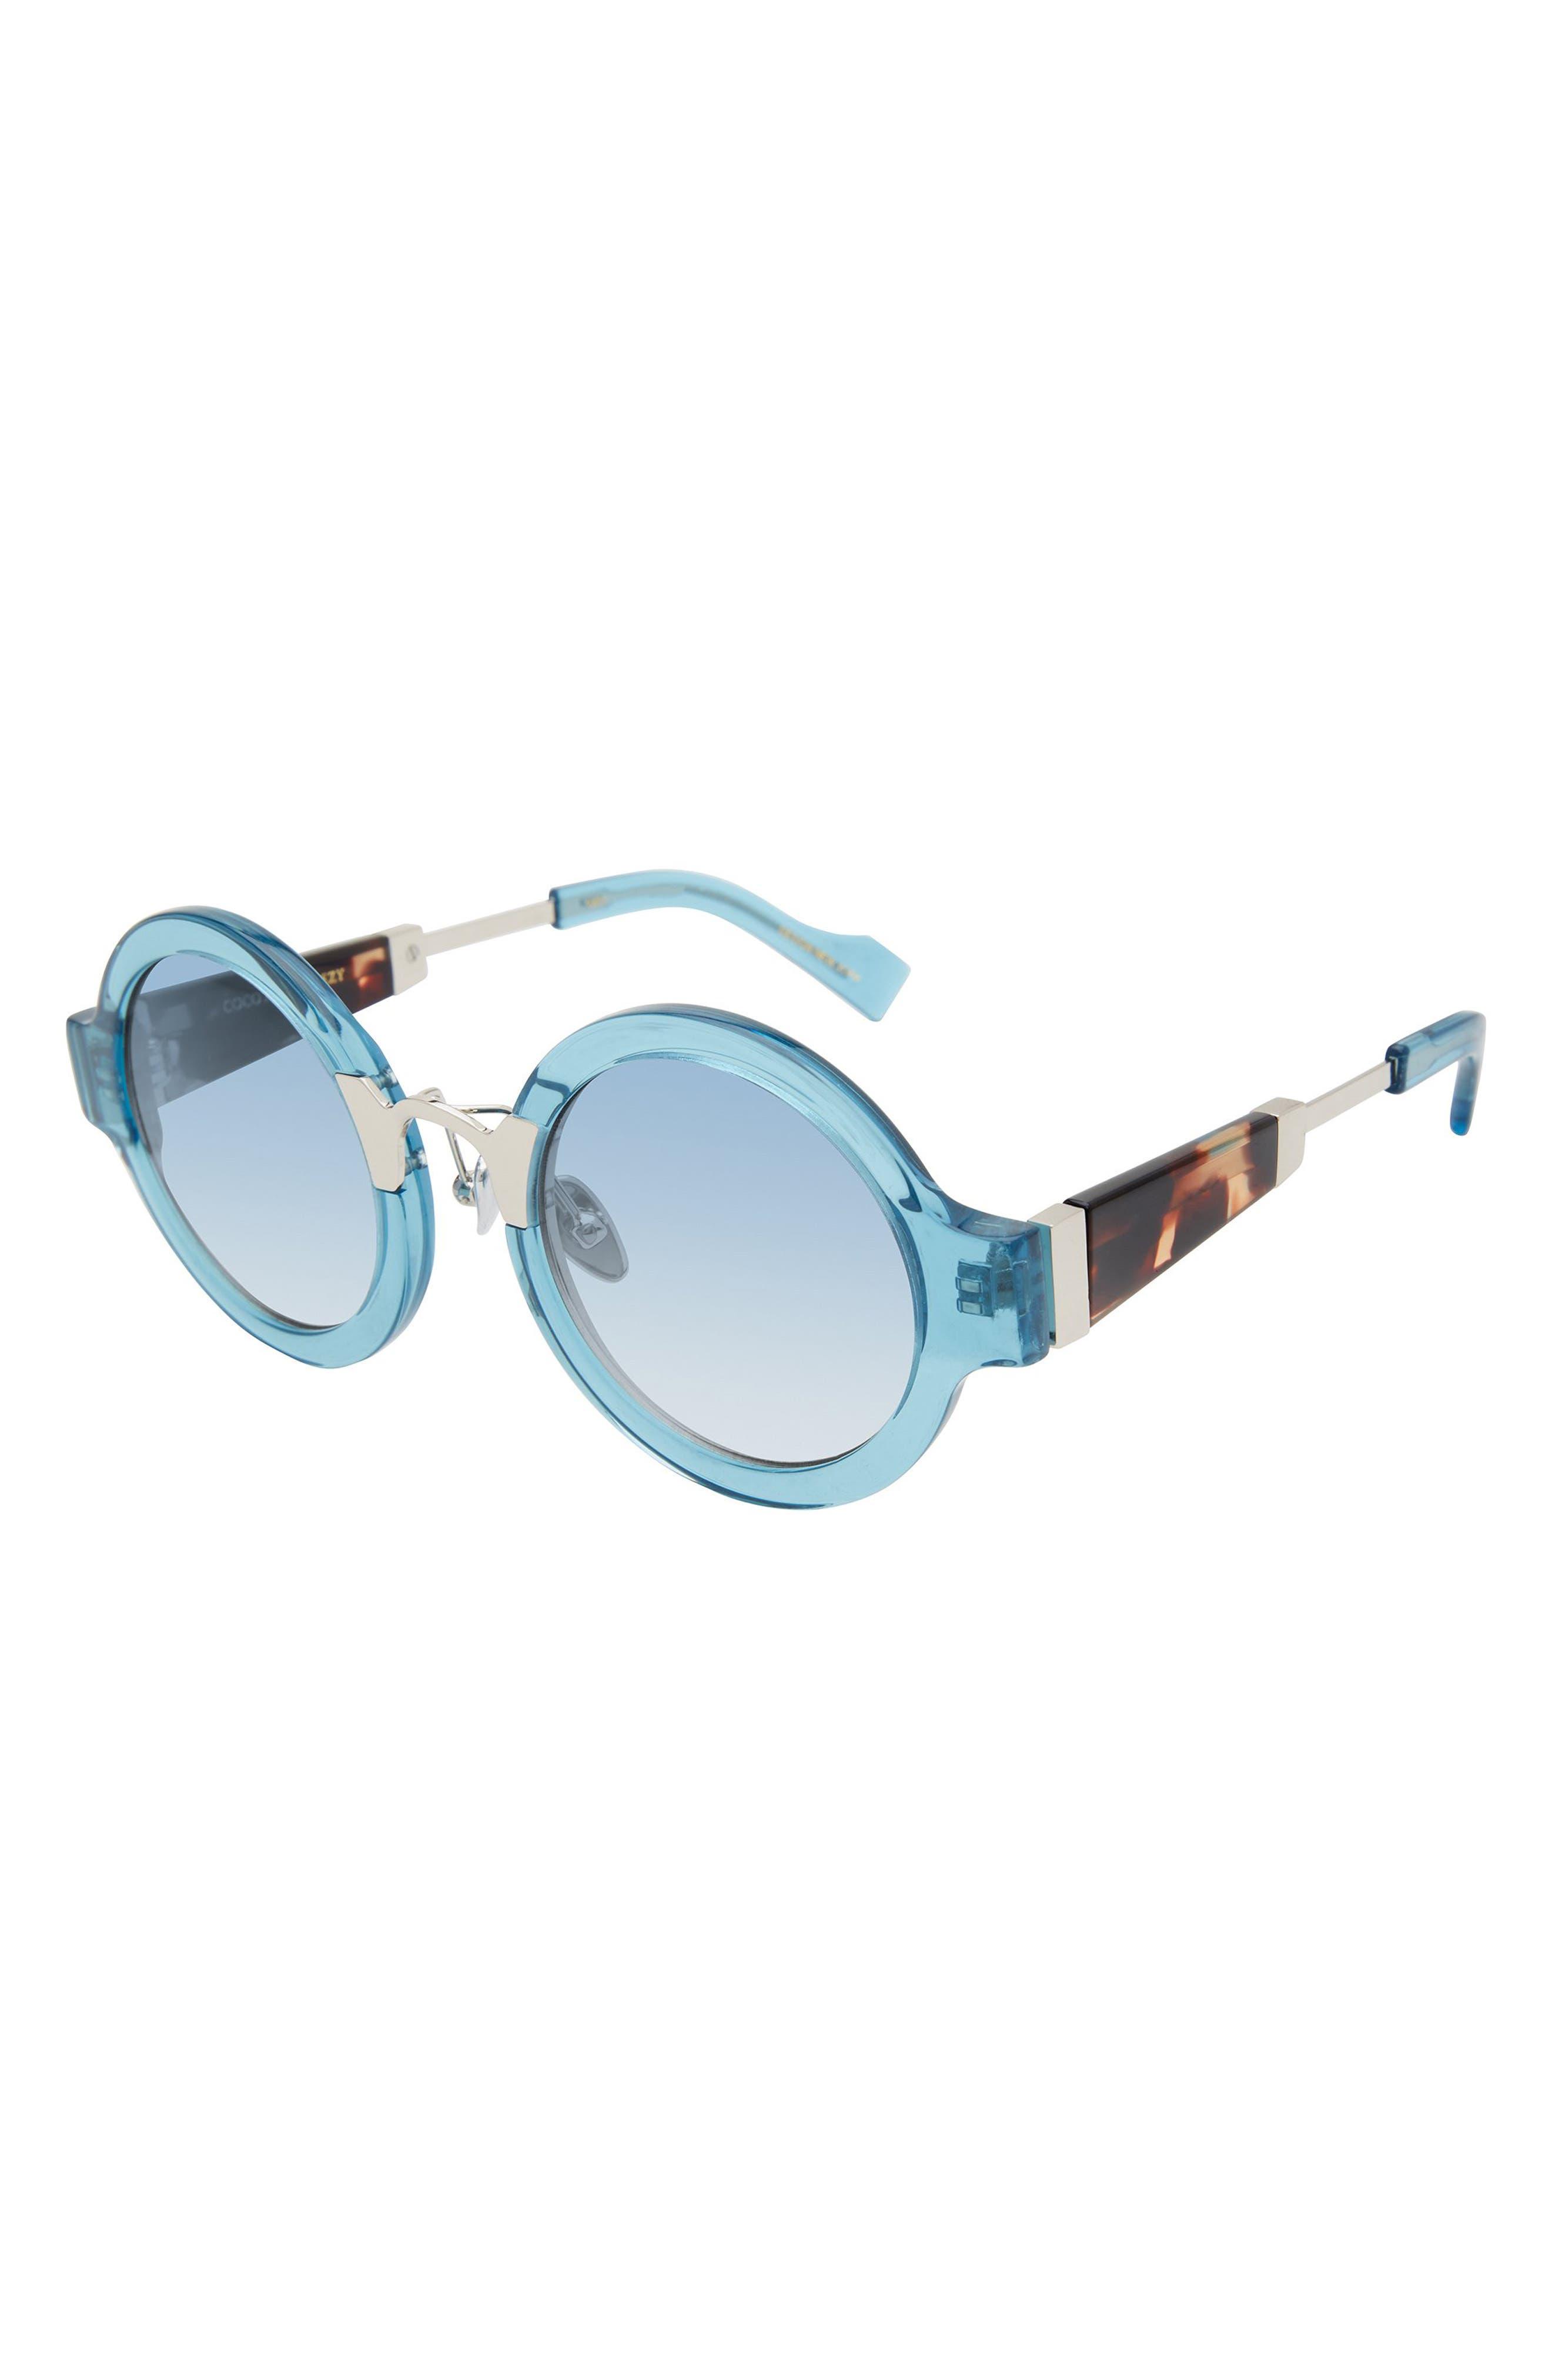 Pram 48mm Round Sunglasses